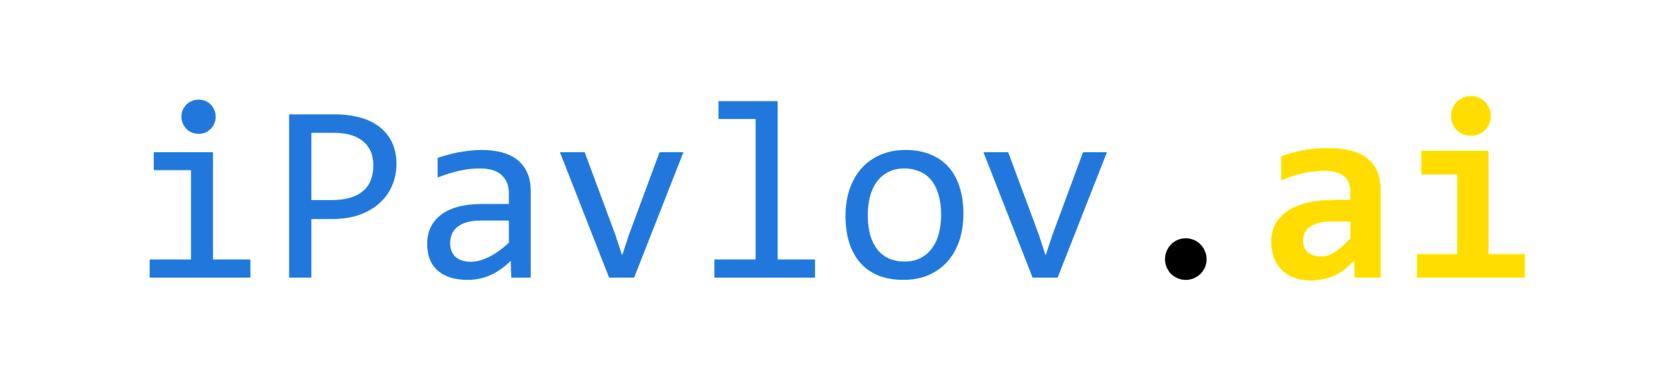 iPavlov.AI